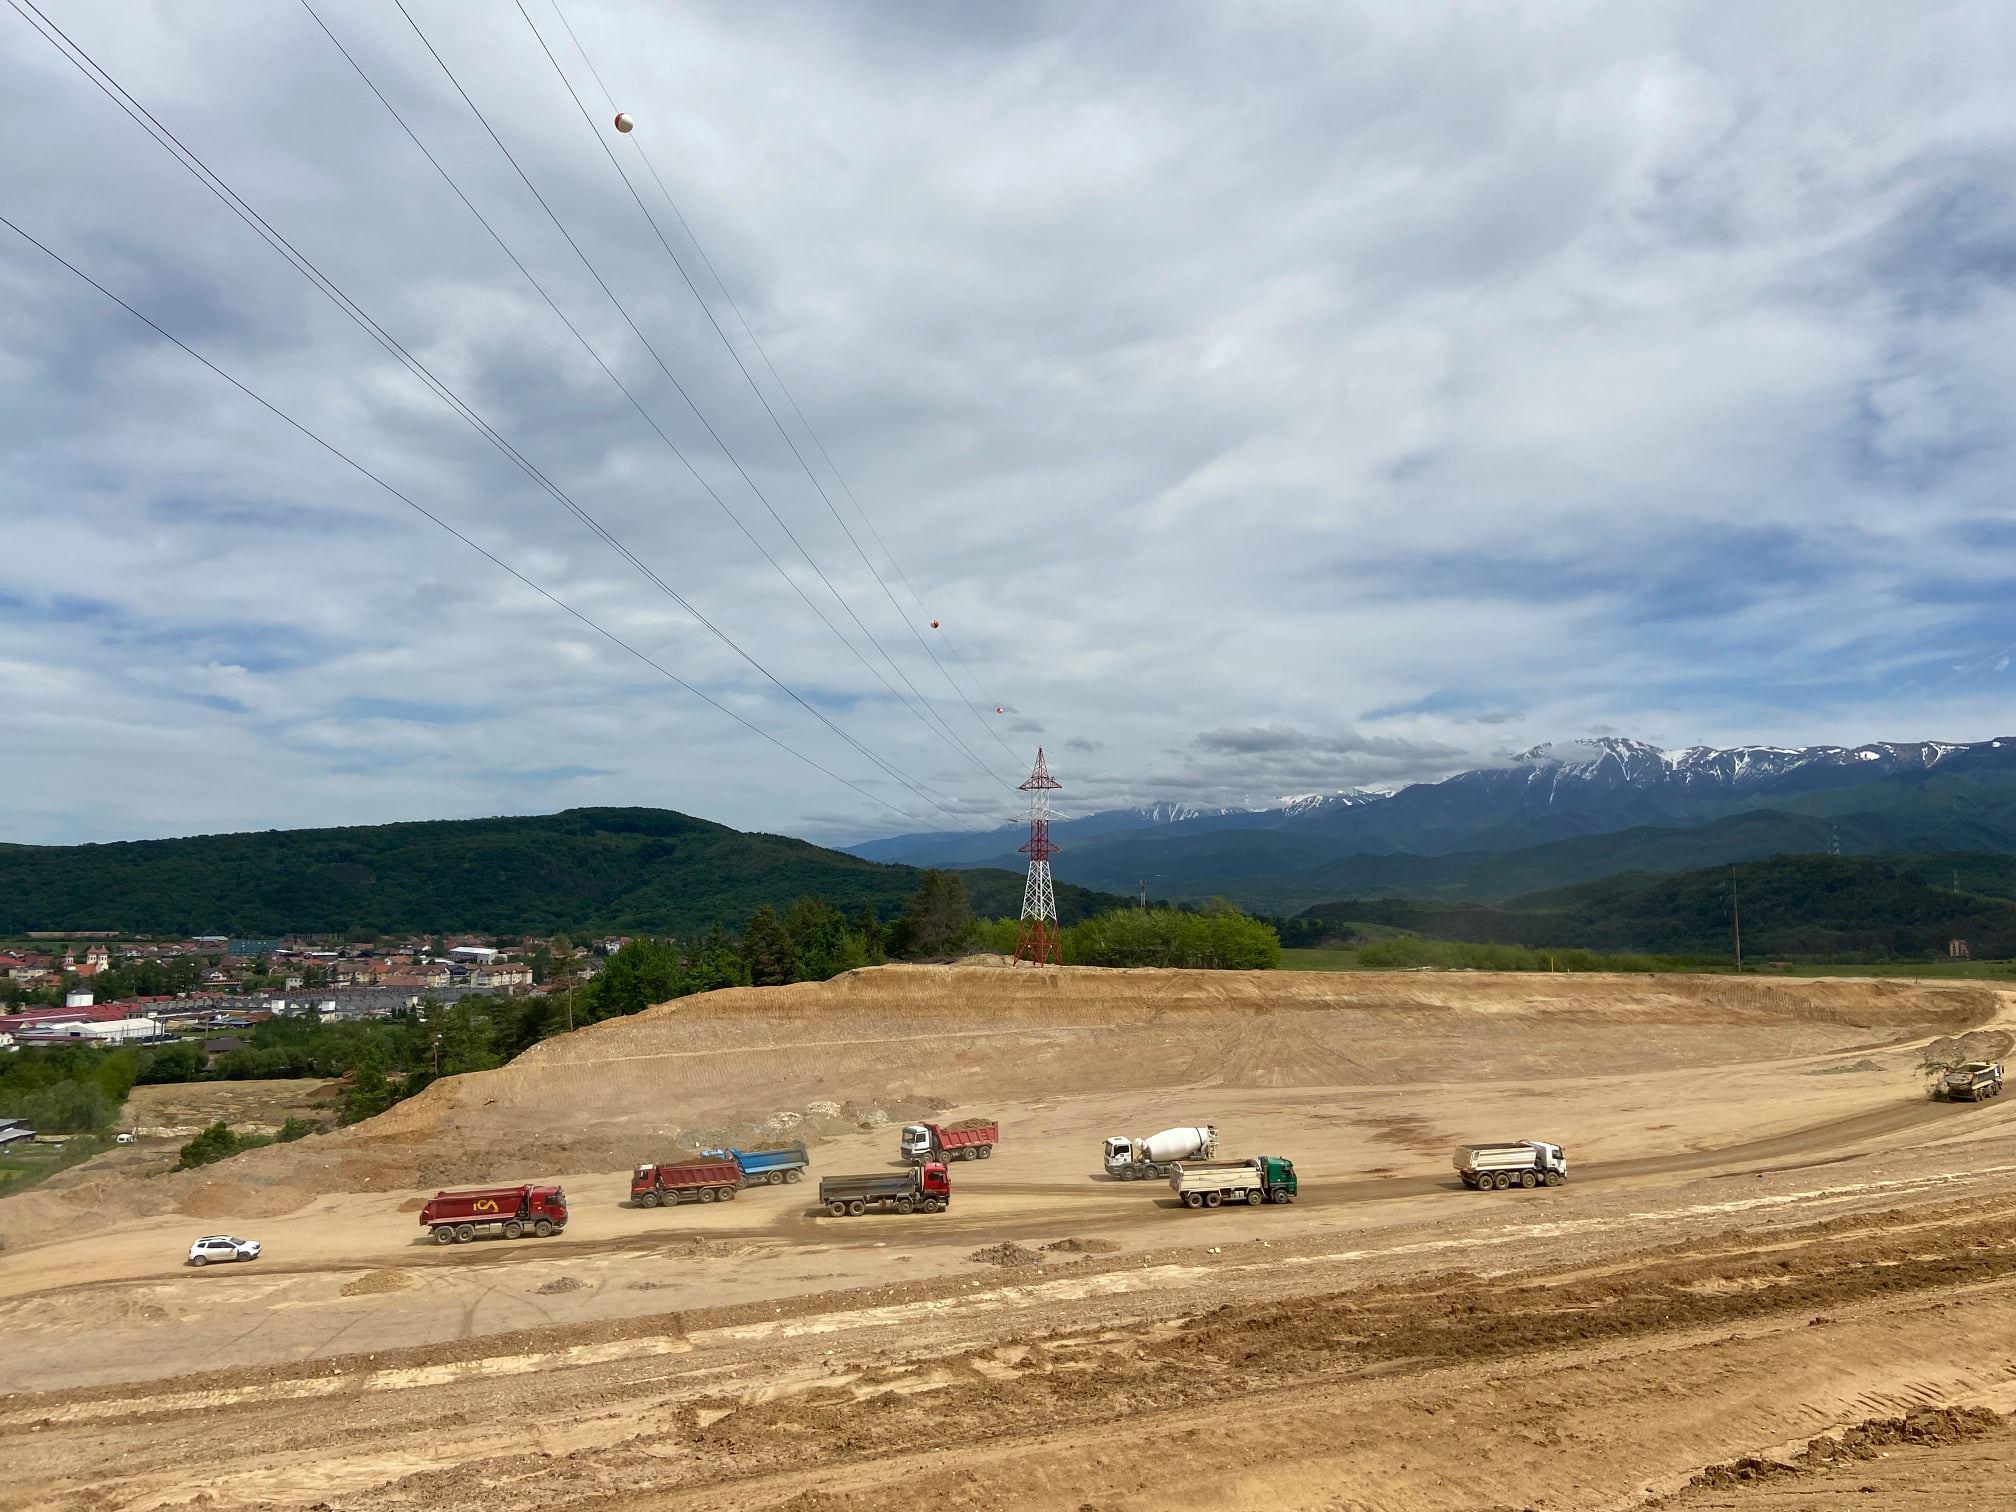 Prefectul Mircea Crețu, în vizită pe șantierul autostrăzii Sibiu - Boița